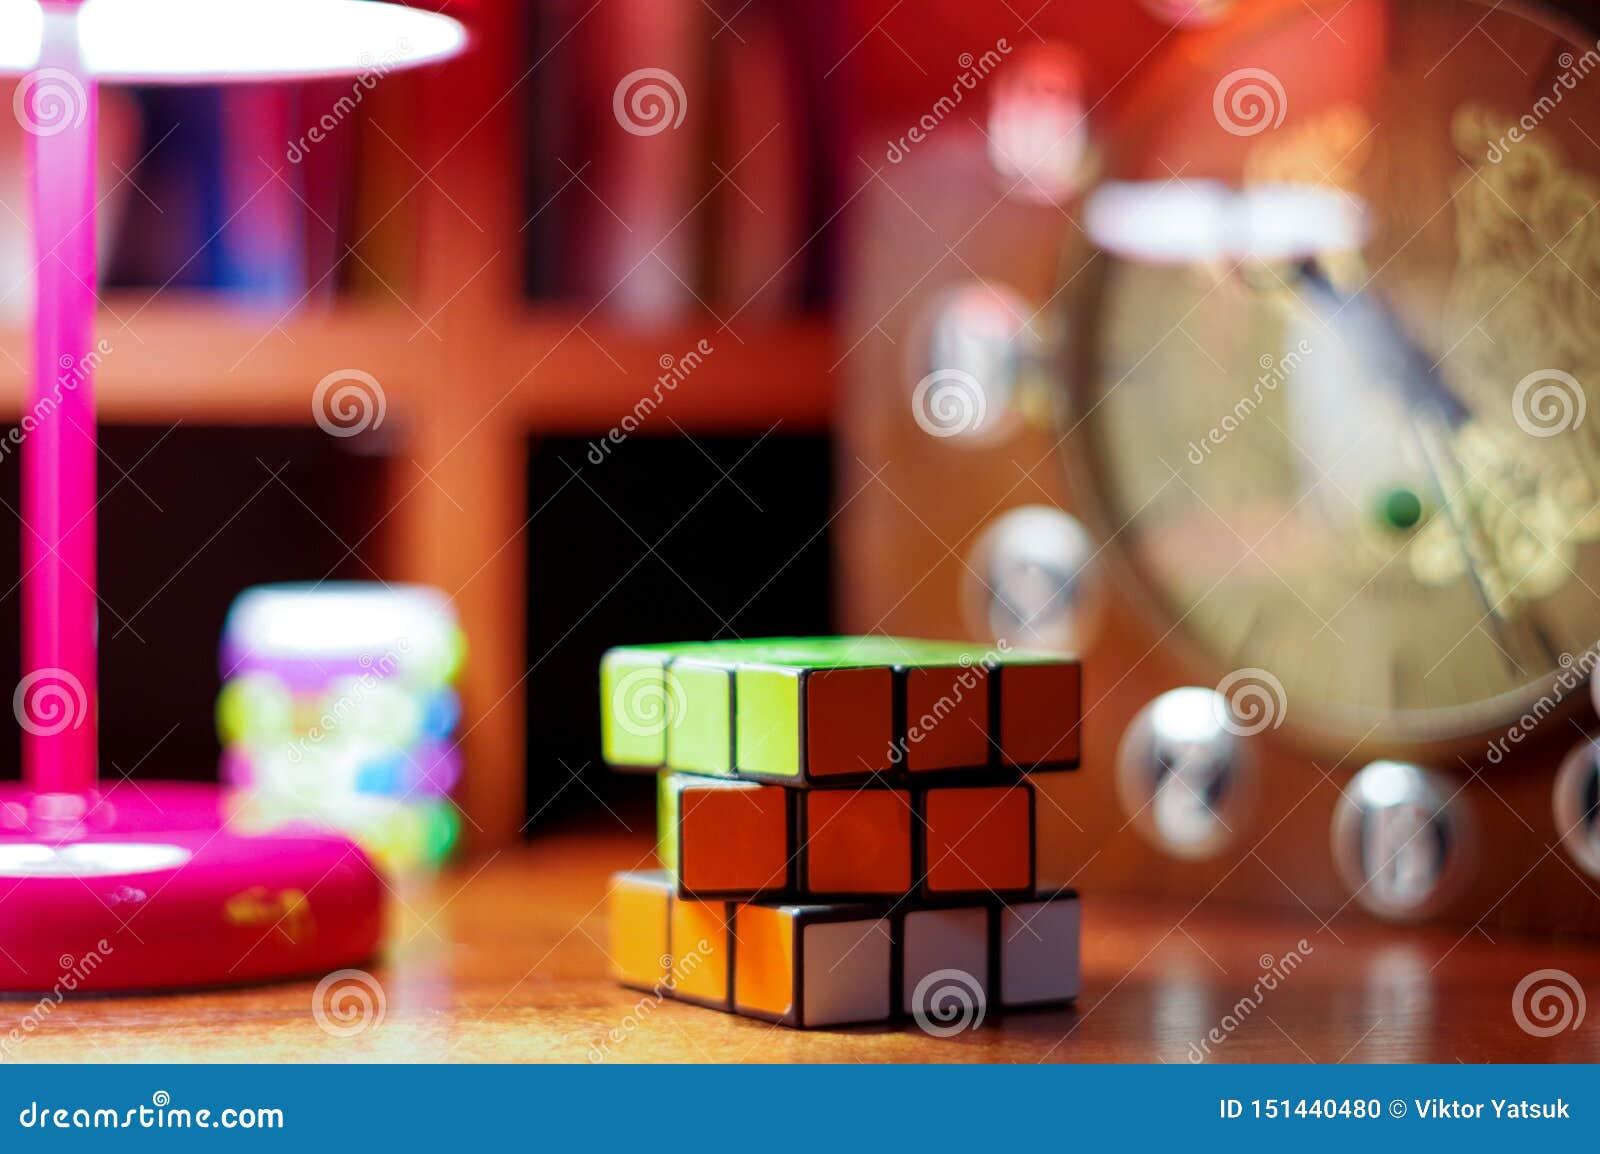 Verzamel tegelijkertijd de kubus Het spel tegelijkertijd